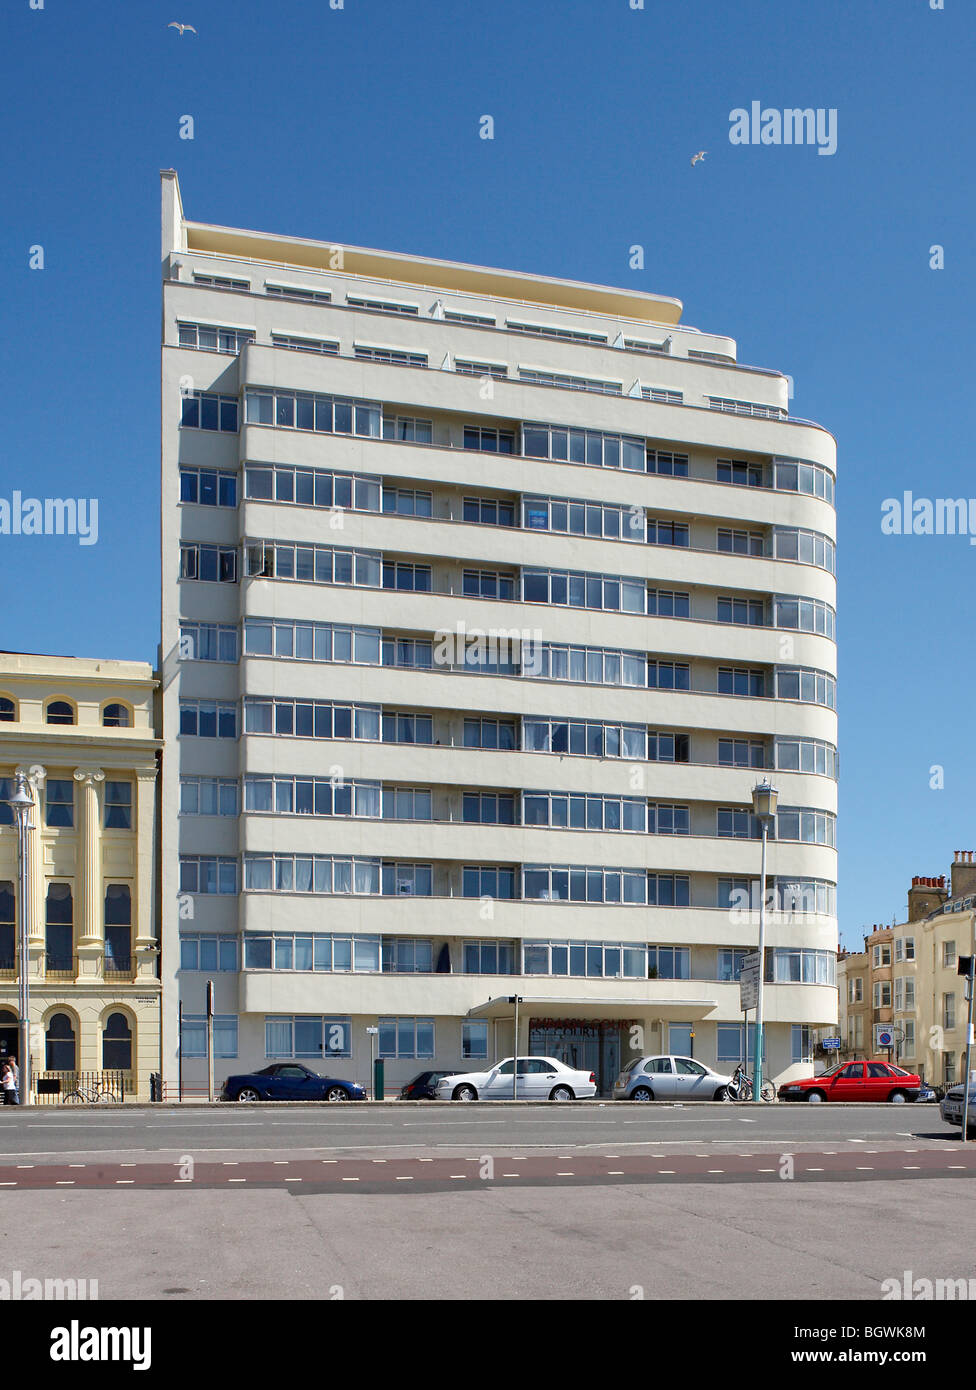 Corte de la EMBAJADA, Brighton, REINO UNIDO, WELLS COATES Foto de stock